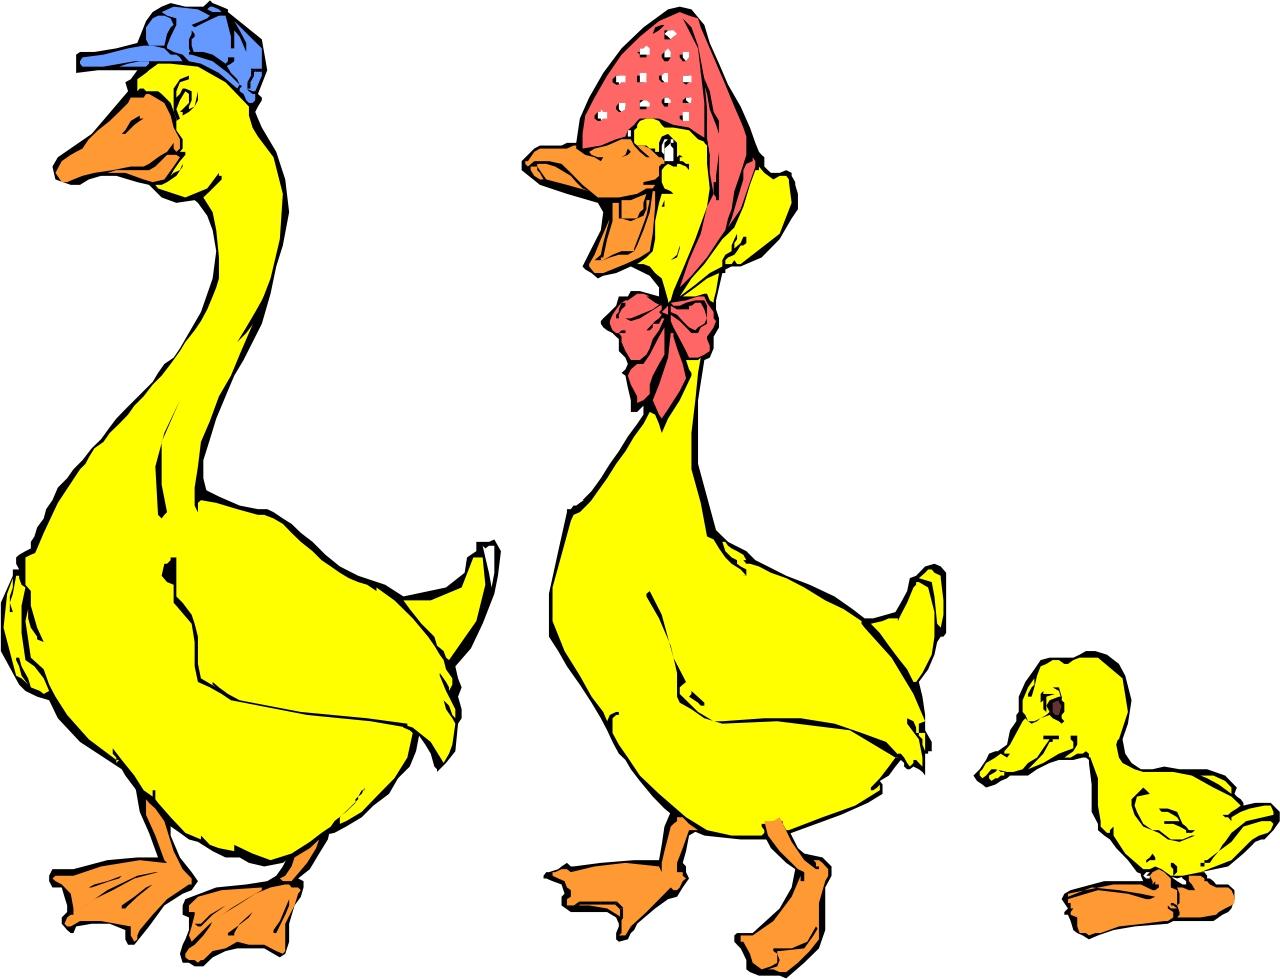 Pictures Of Cartoon Ducks